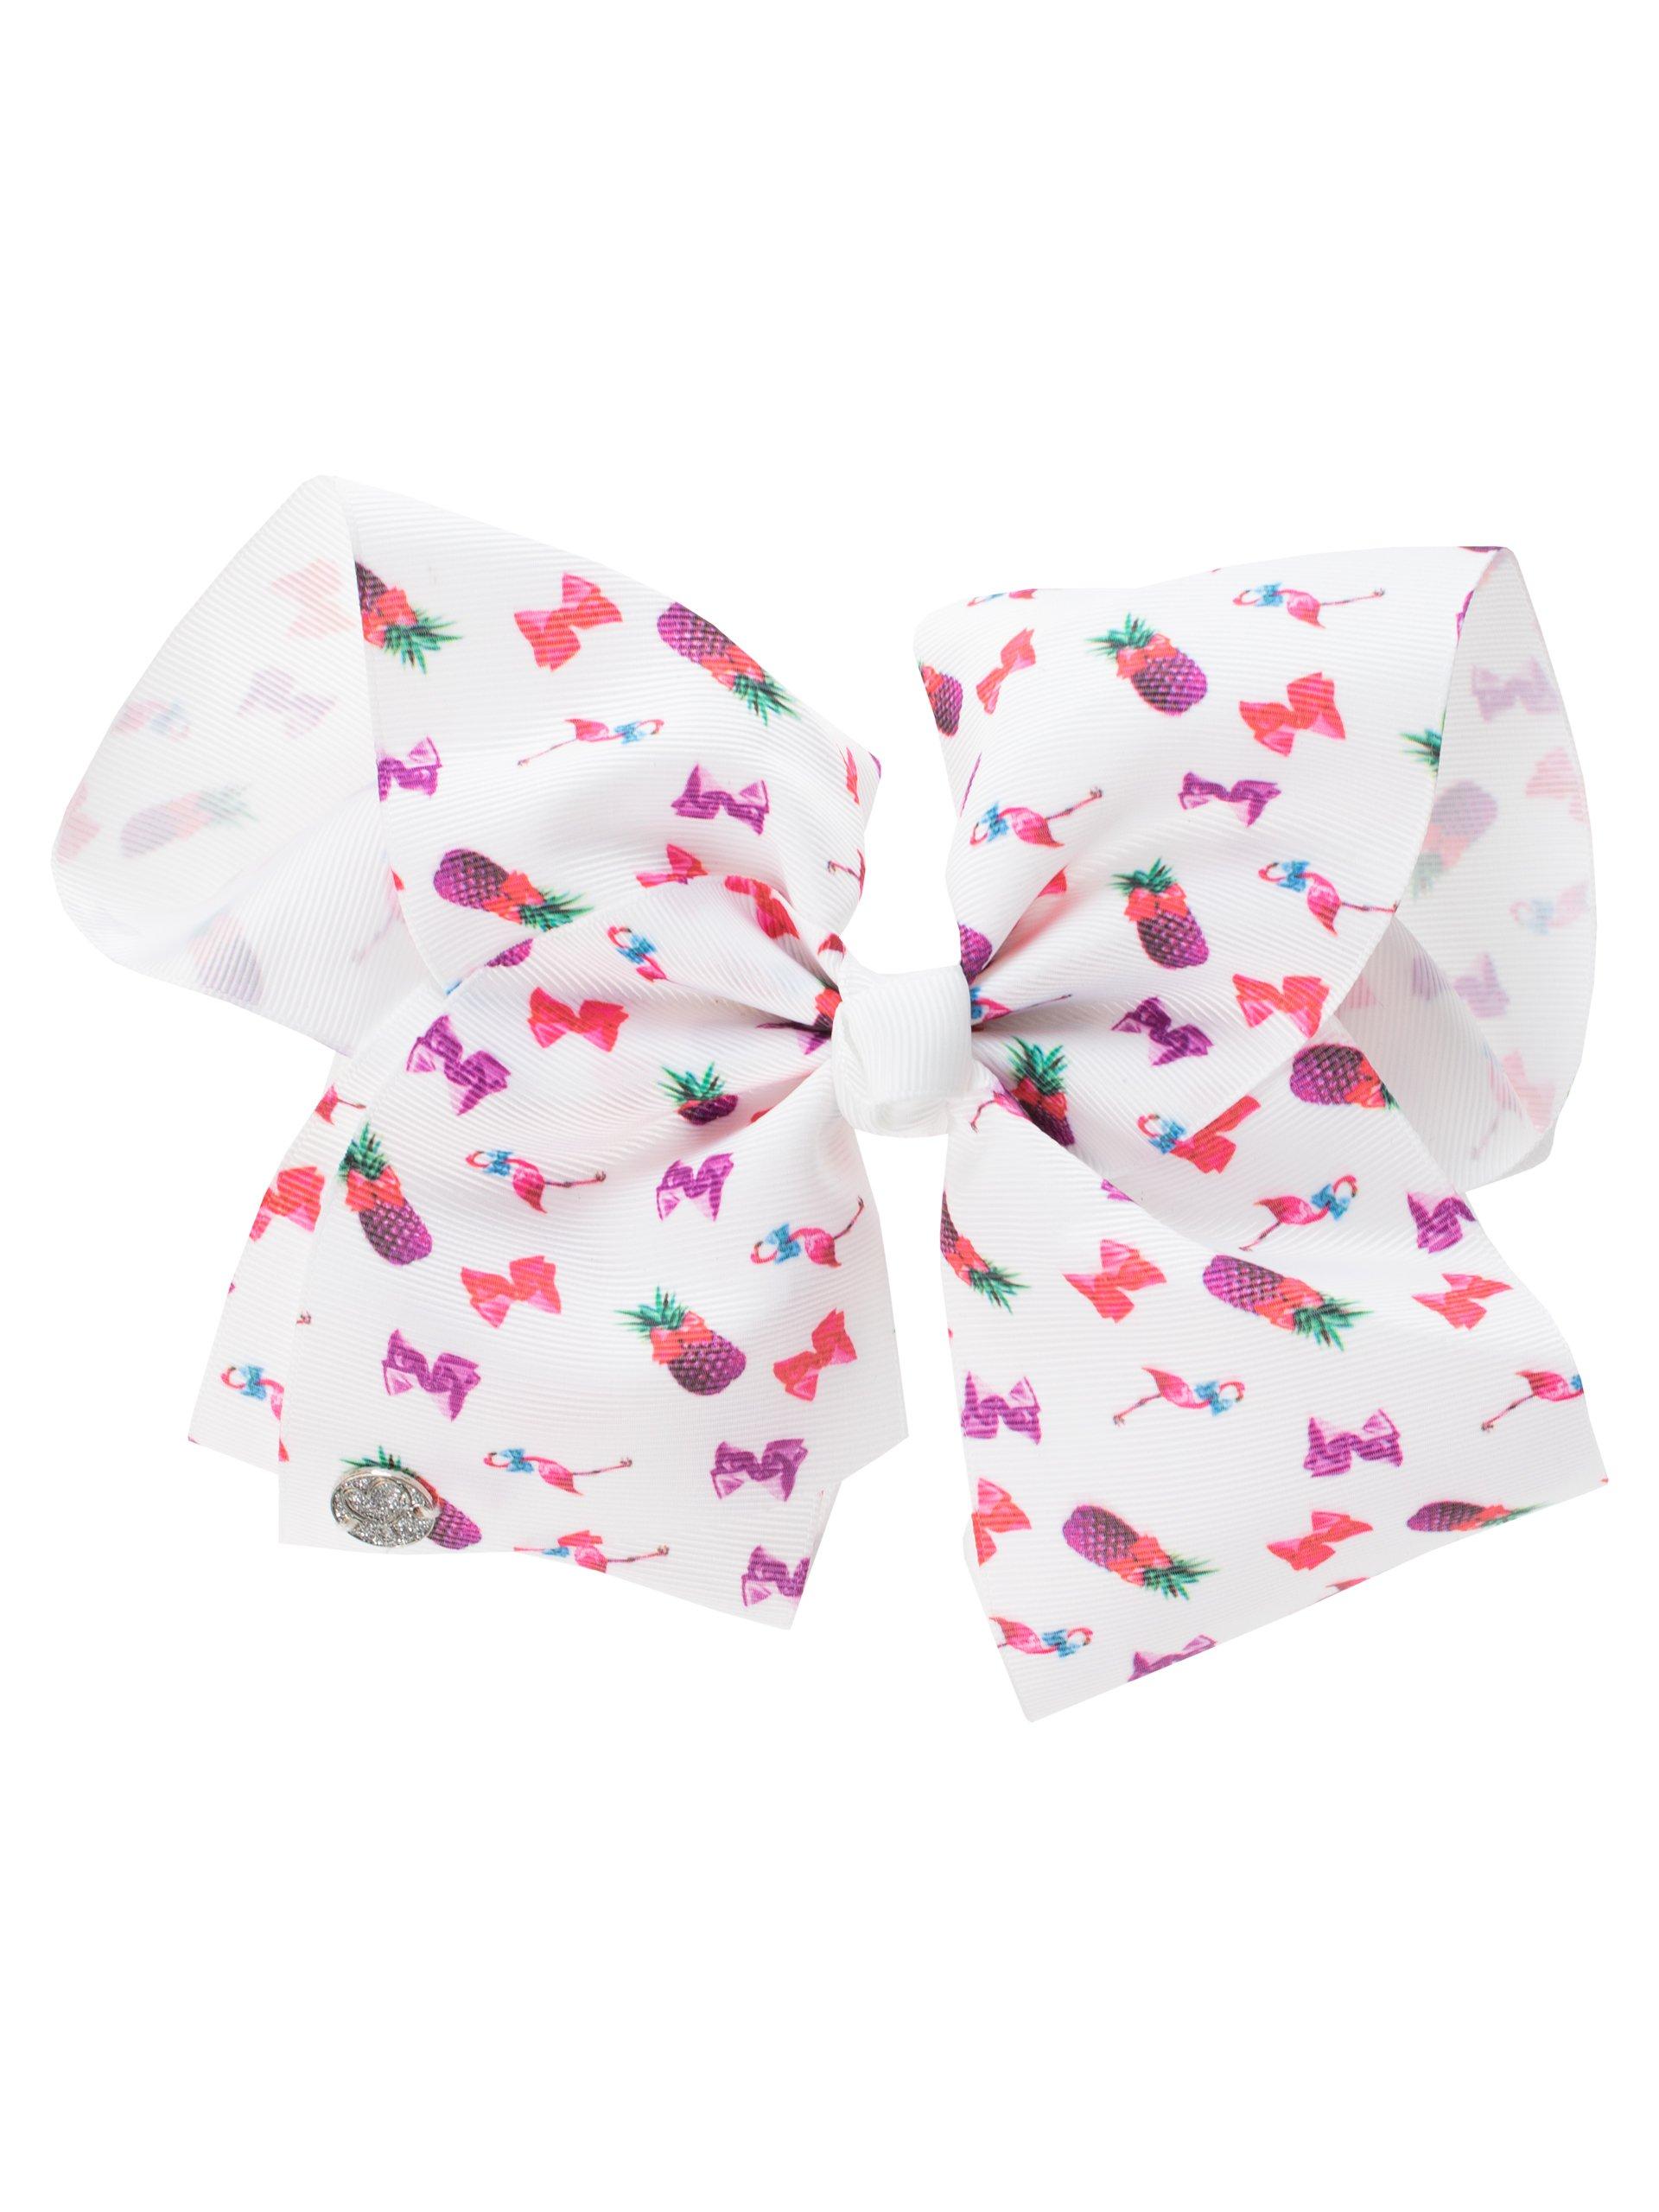 JoJo Siwa Girls Jojo Bow and Necklace Set White